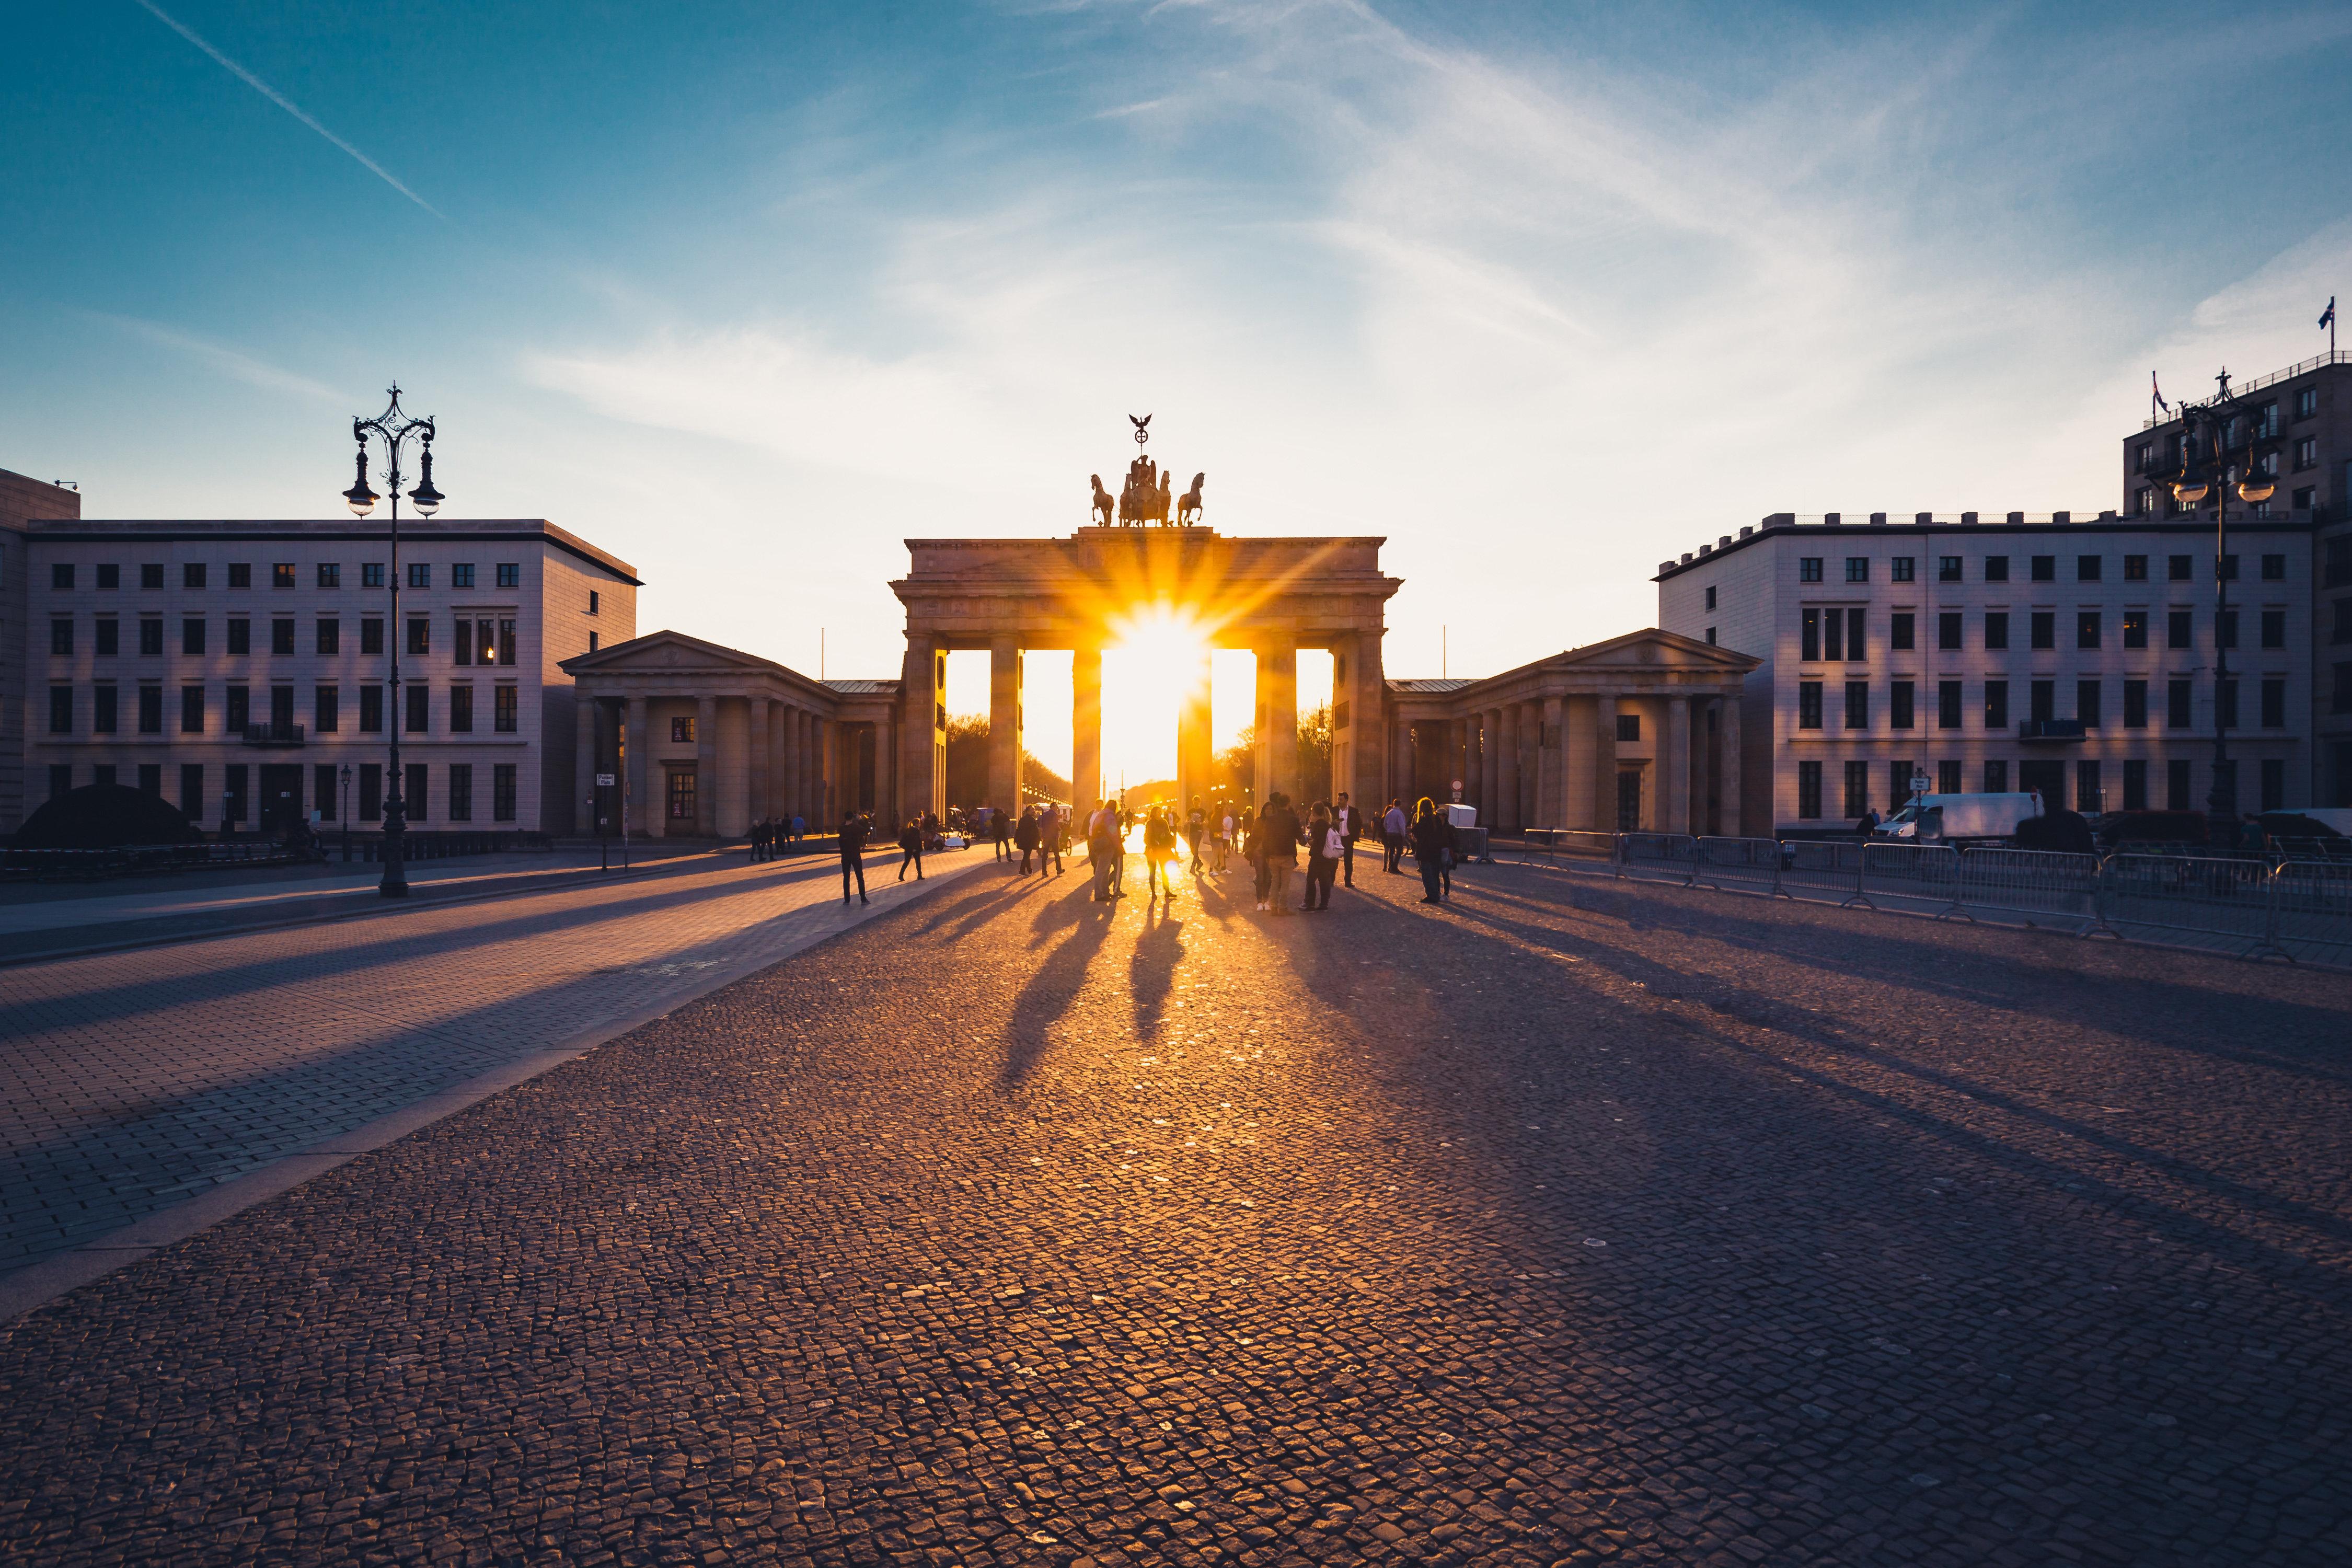 Das Brandenburger Tor im Herzen